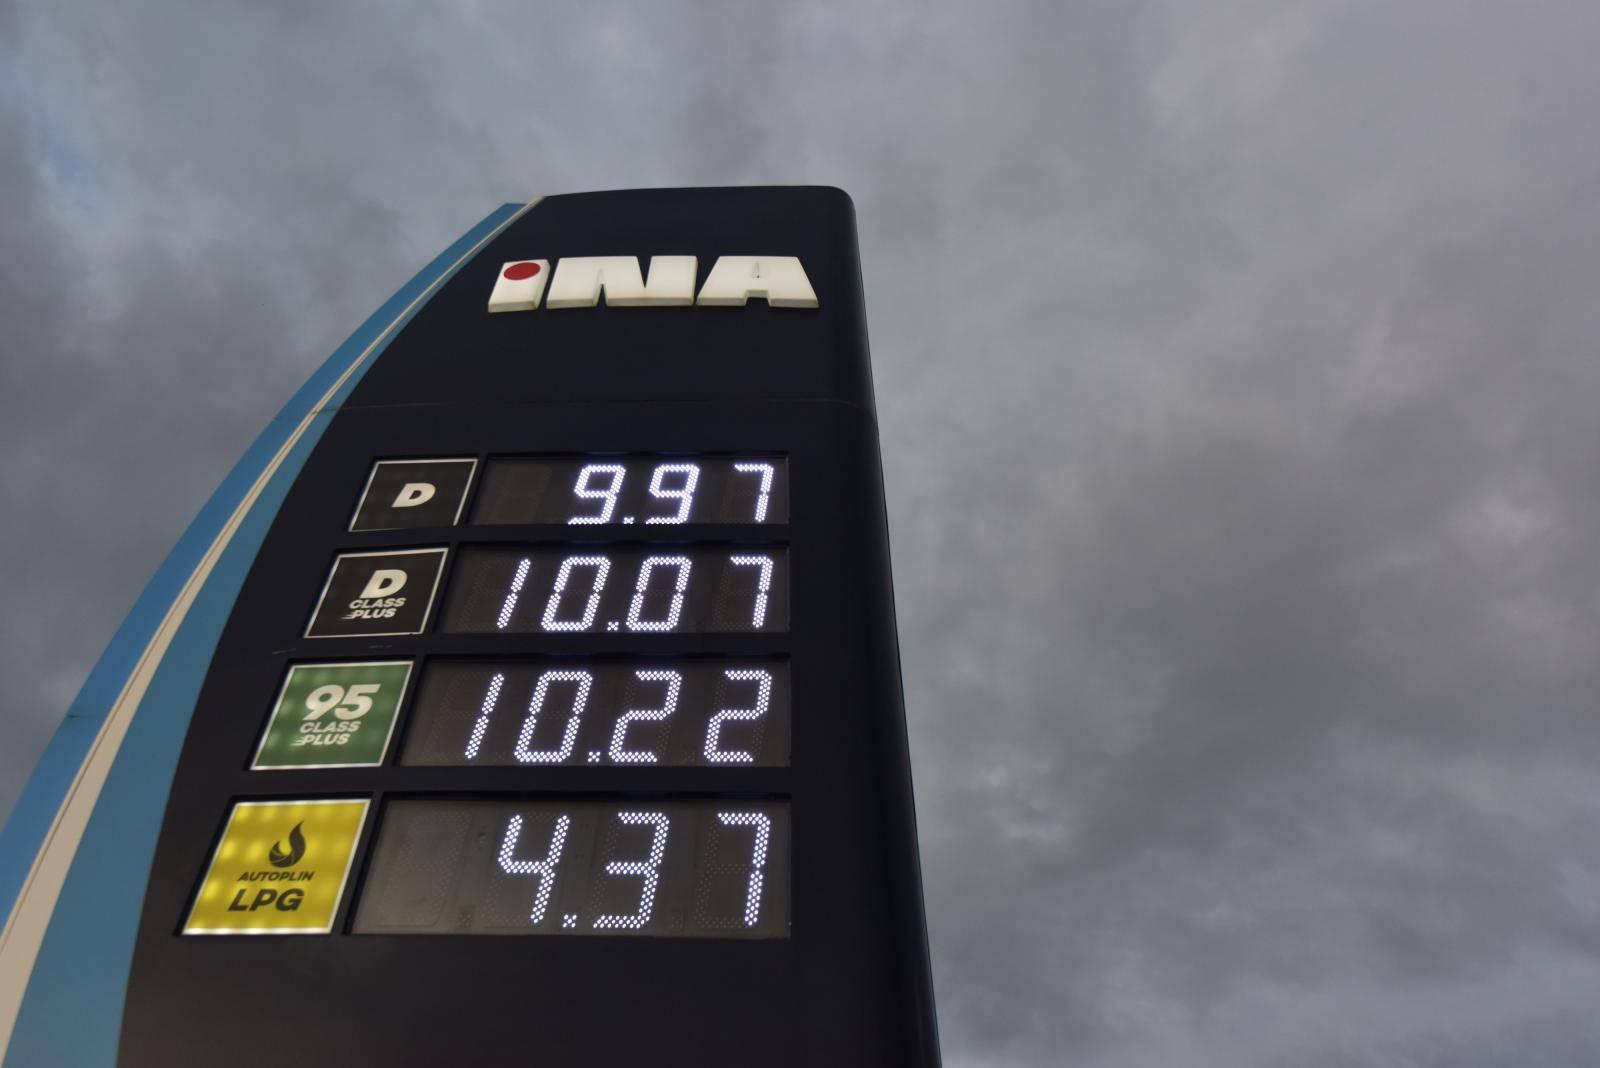 Od ponoći skuplje cijene eurodizela i eurosupera na svim benzinskim postajama